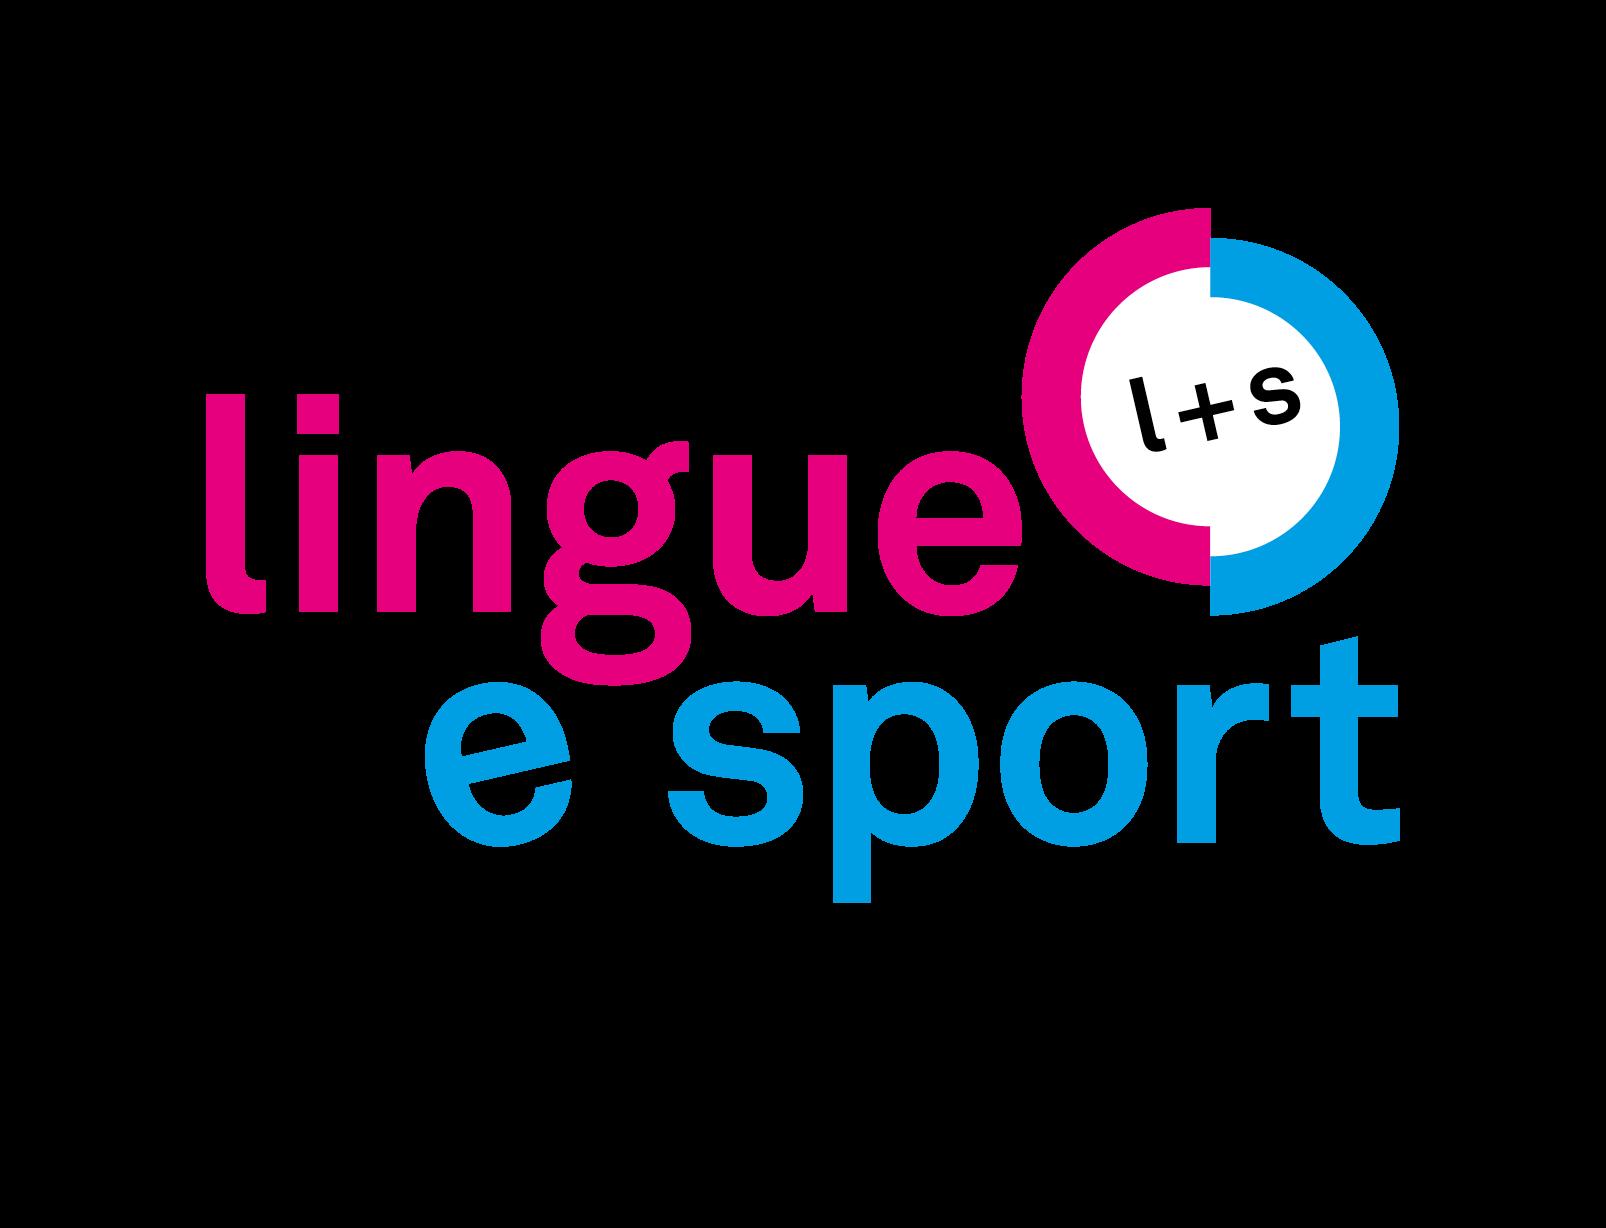 Lingue e Sport - Olivone 2